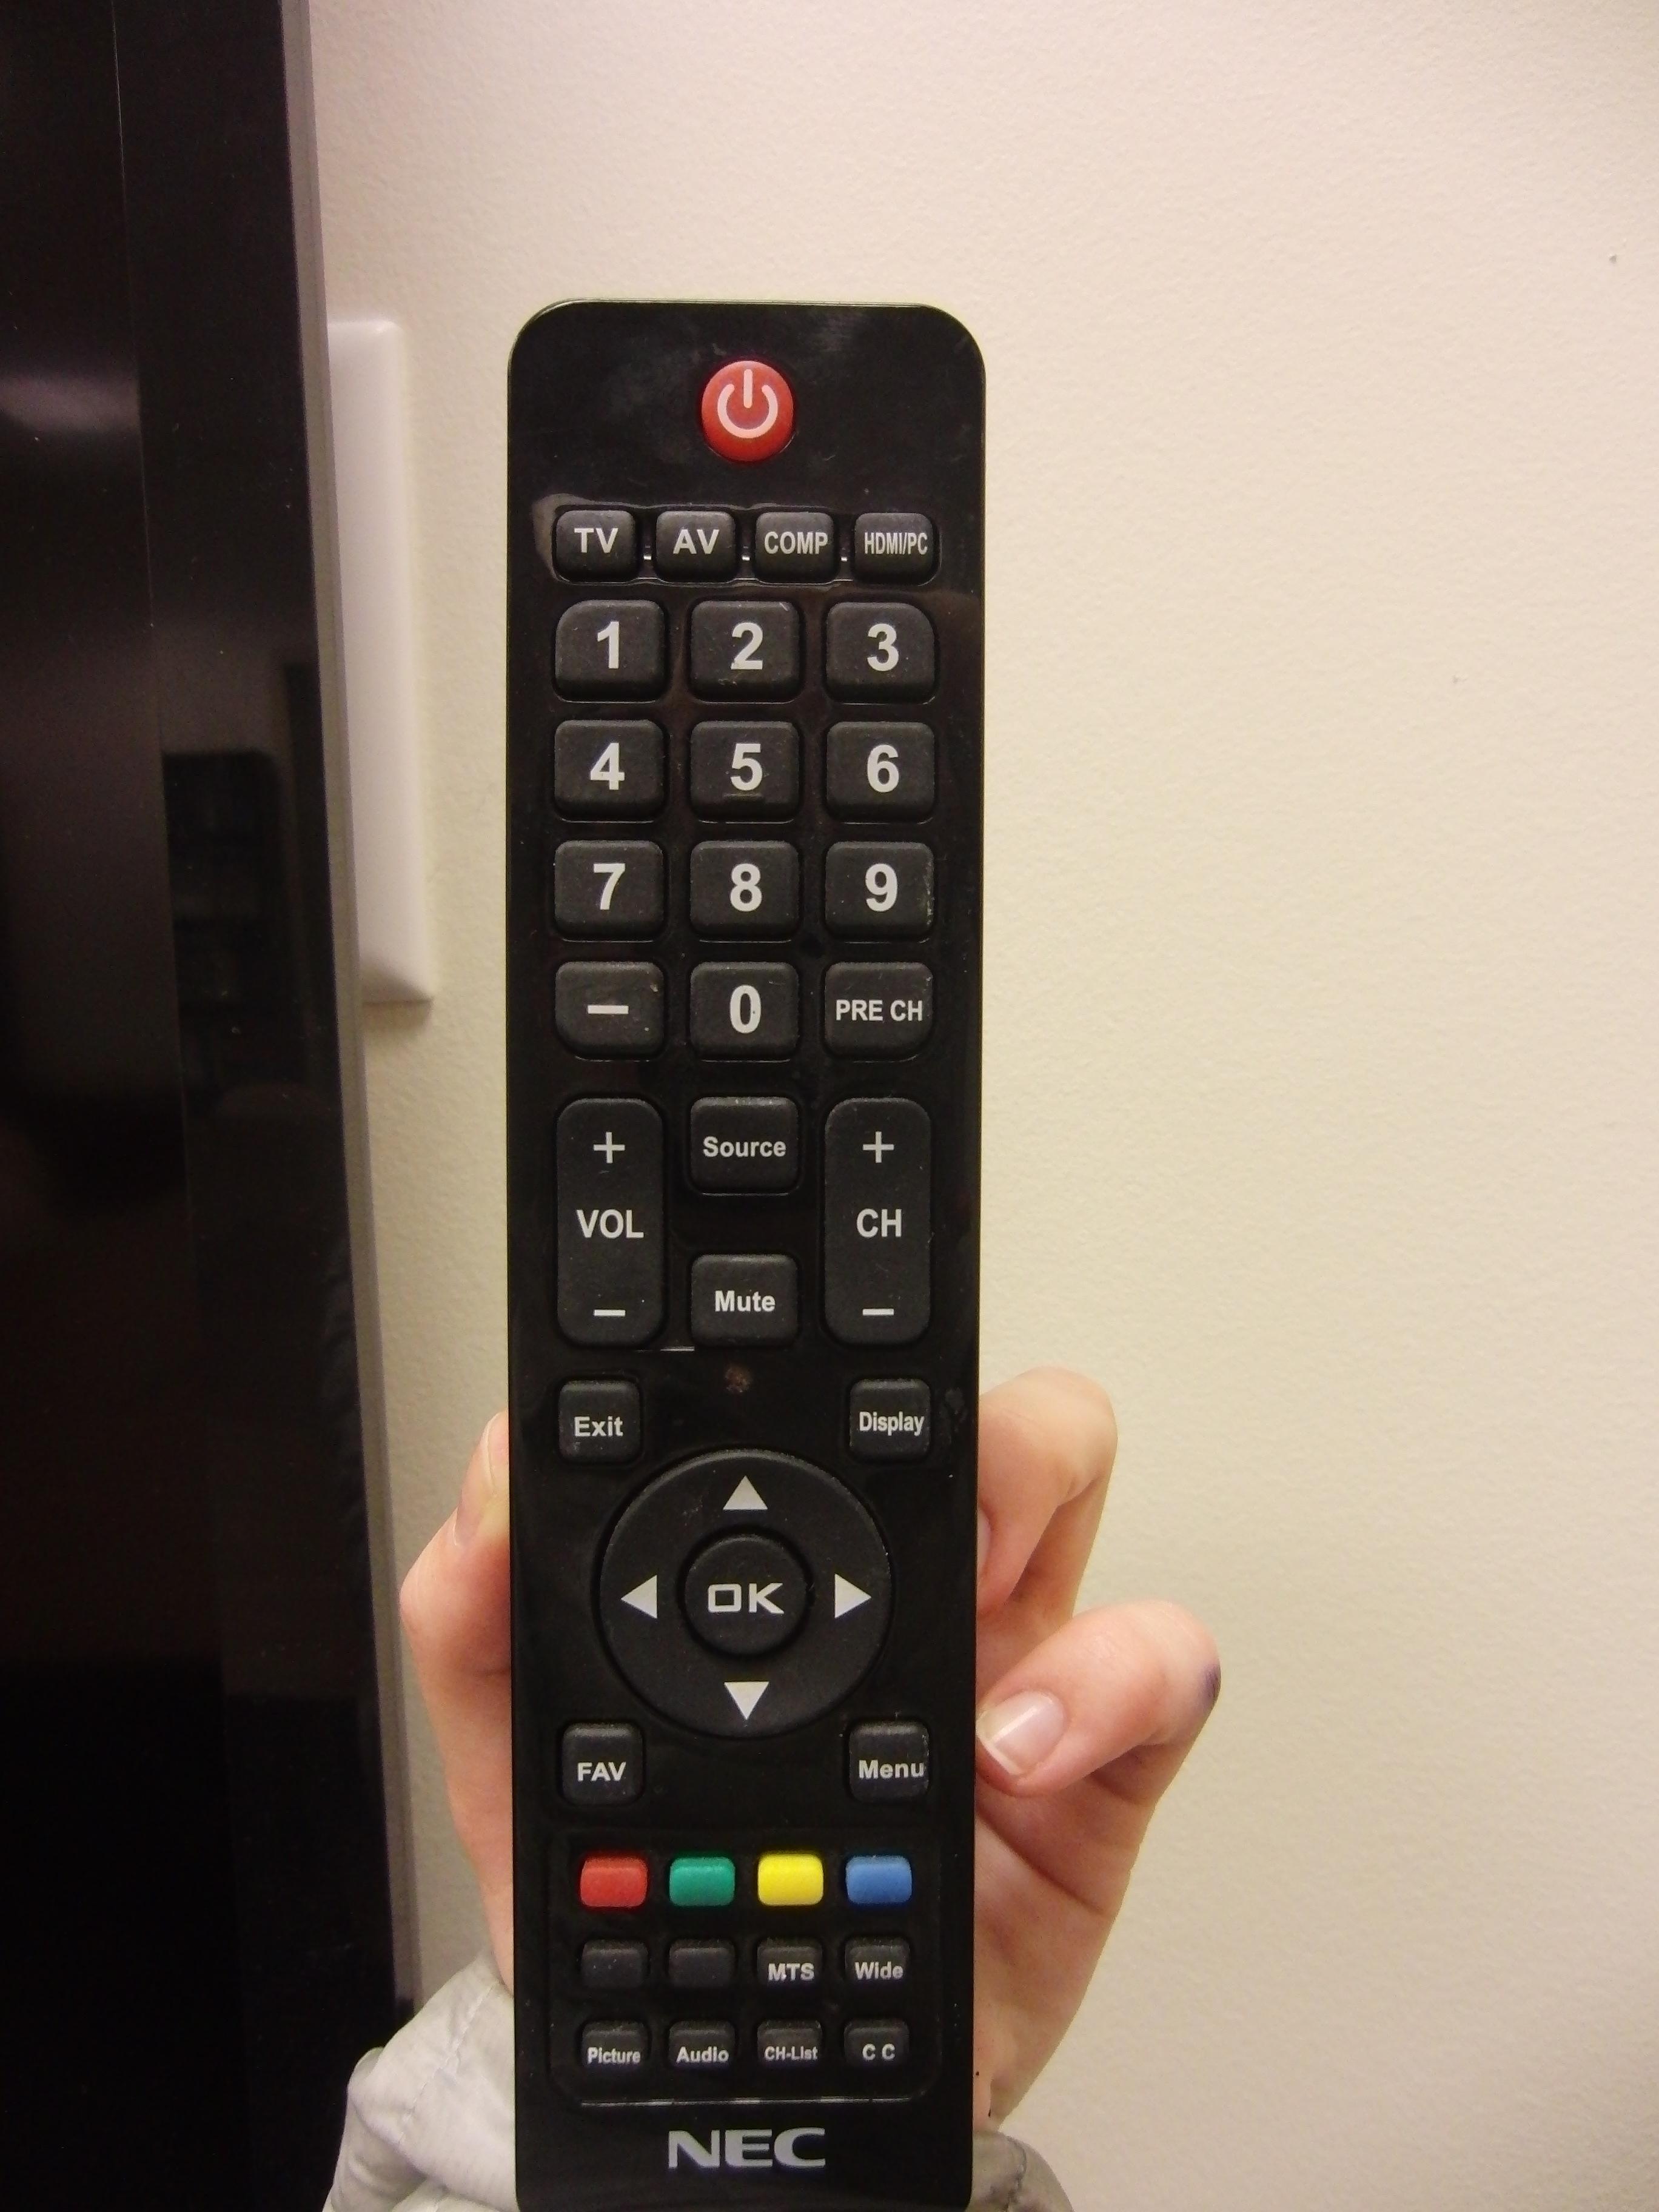 Photo of full NEC remote